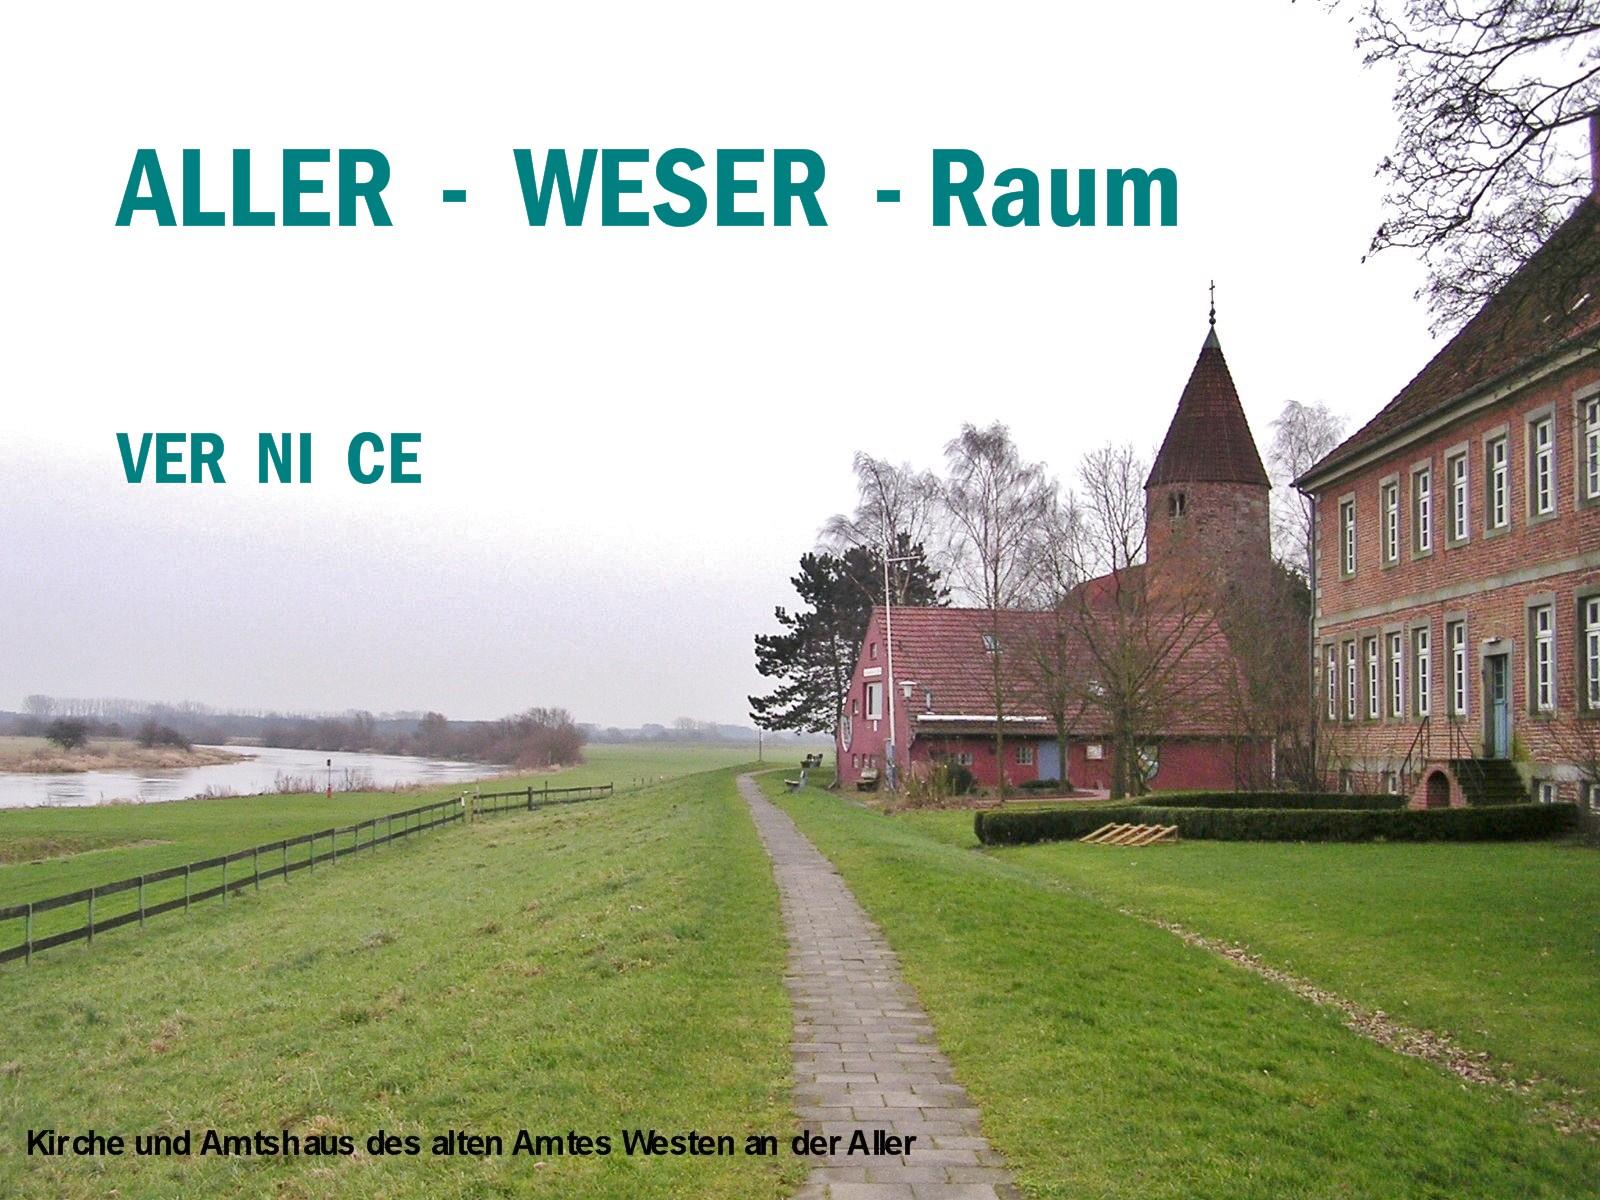 Kirche und Amtshaus des alten Amtes Westen an der Aller